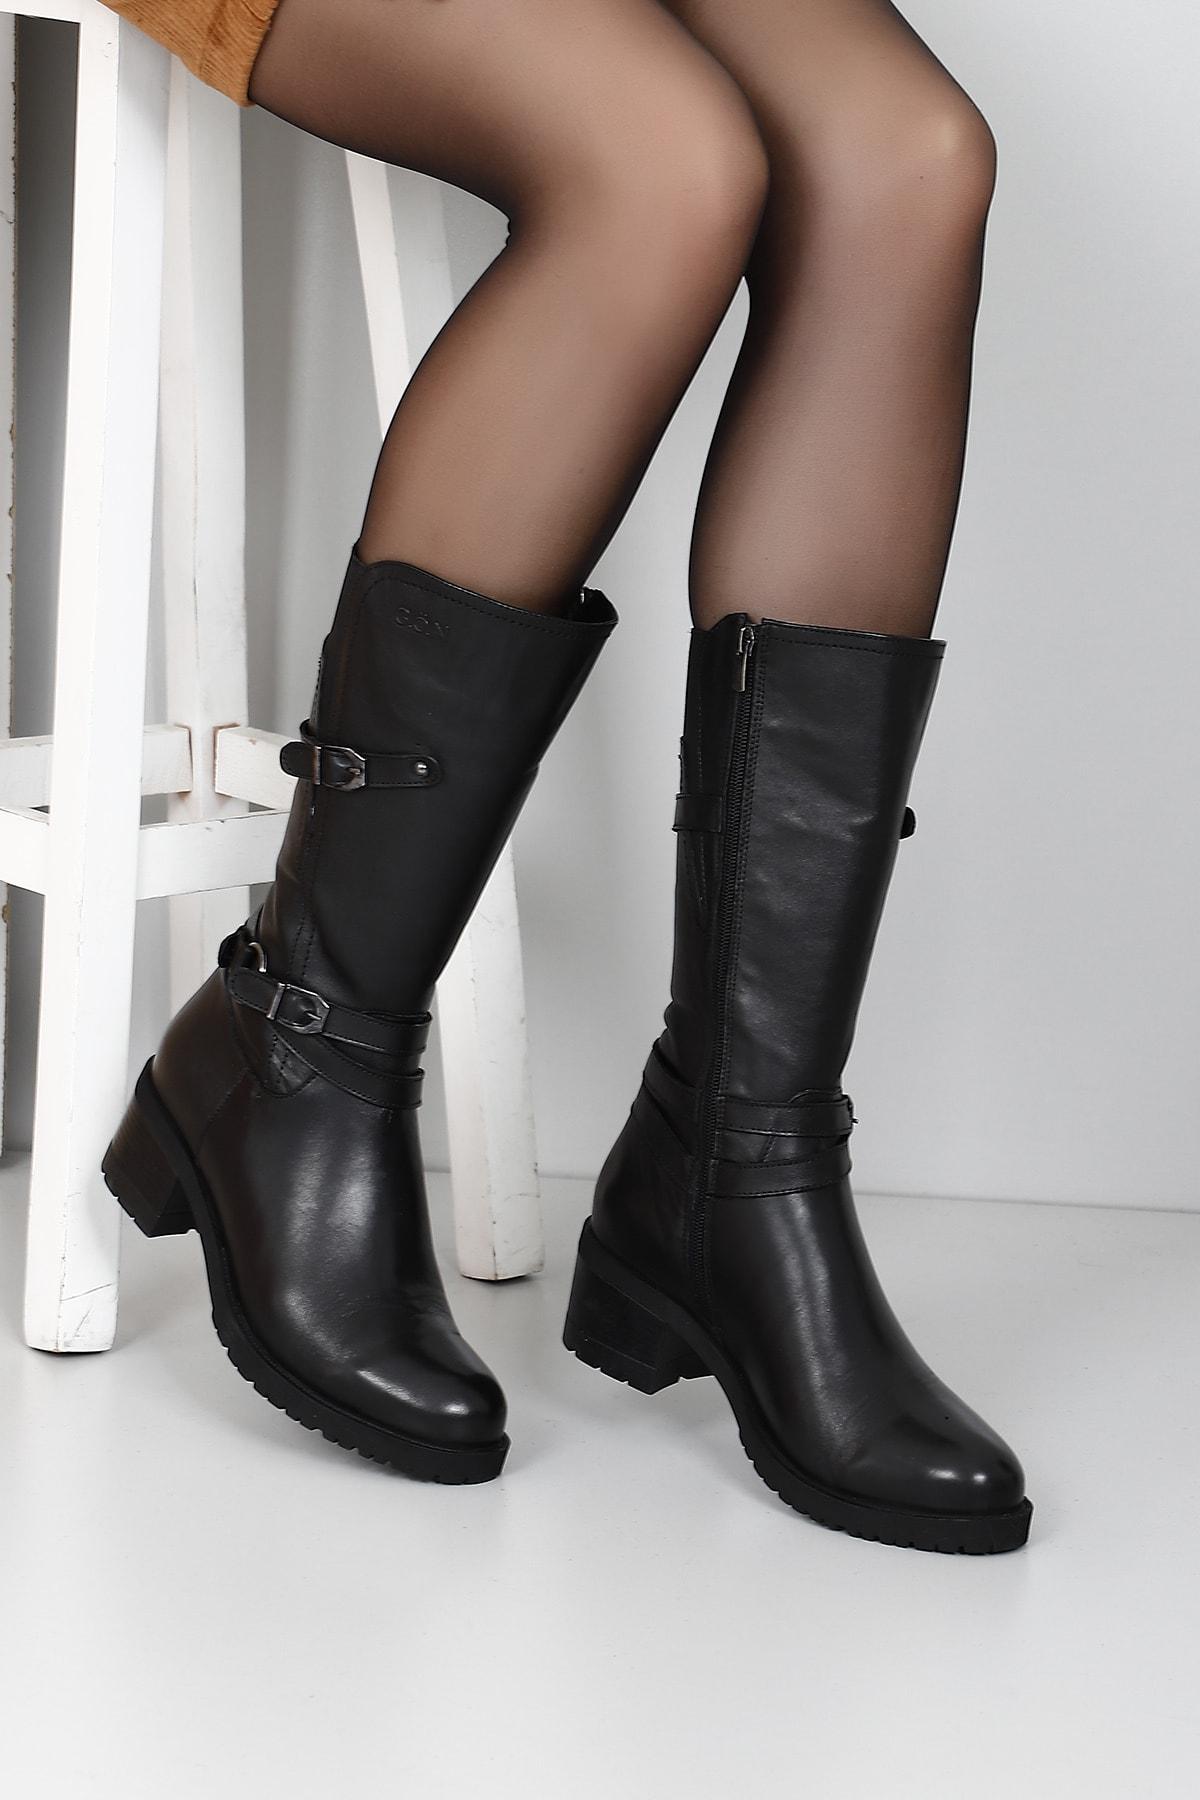 Gön Hakiki Deri Siyah Tokalı Lastikli Diz Altı Topuklu Fermuarlı Günlük Kadın Çizme 44560